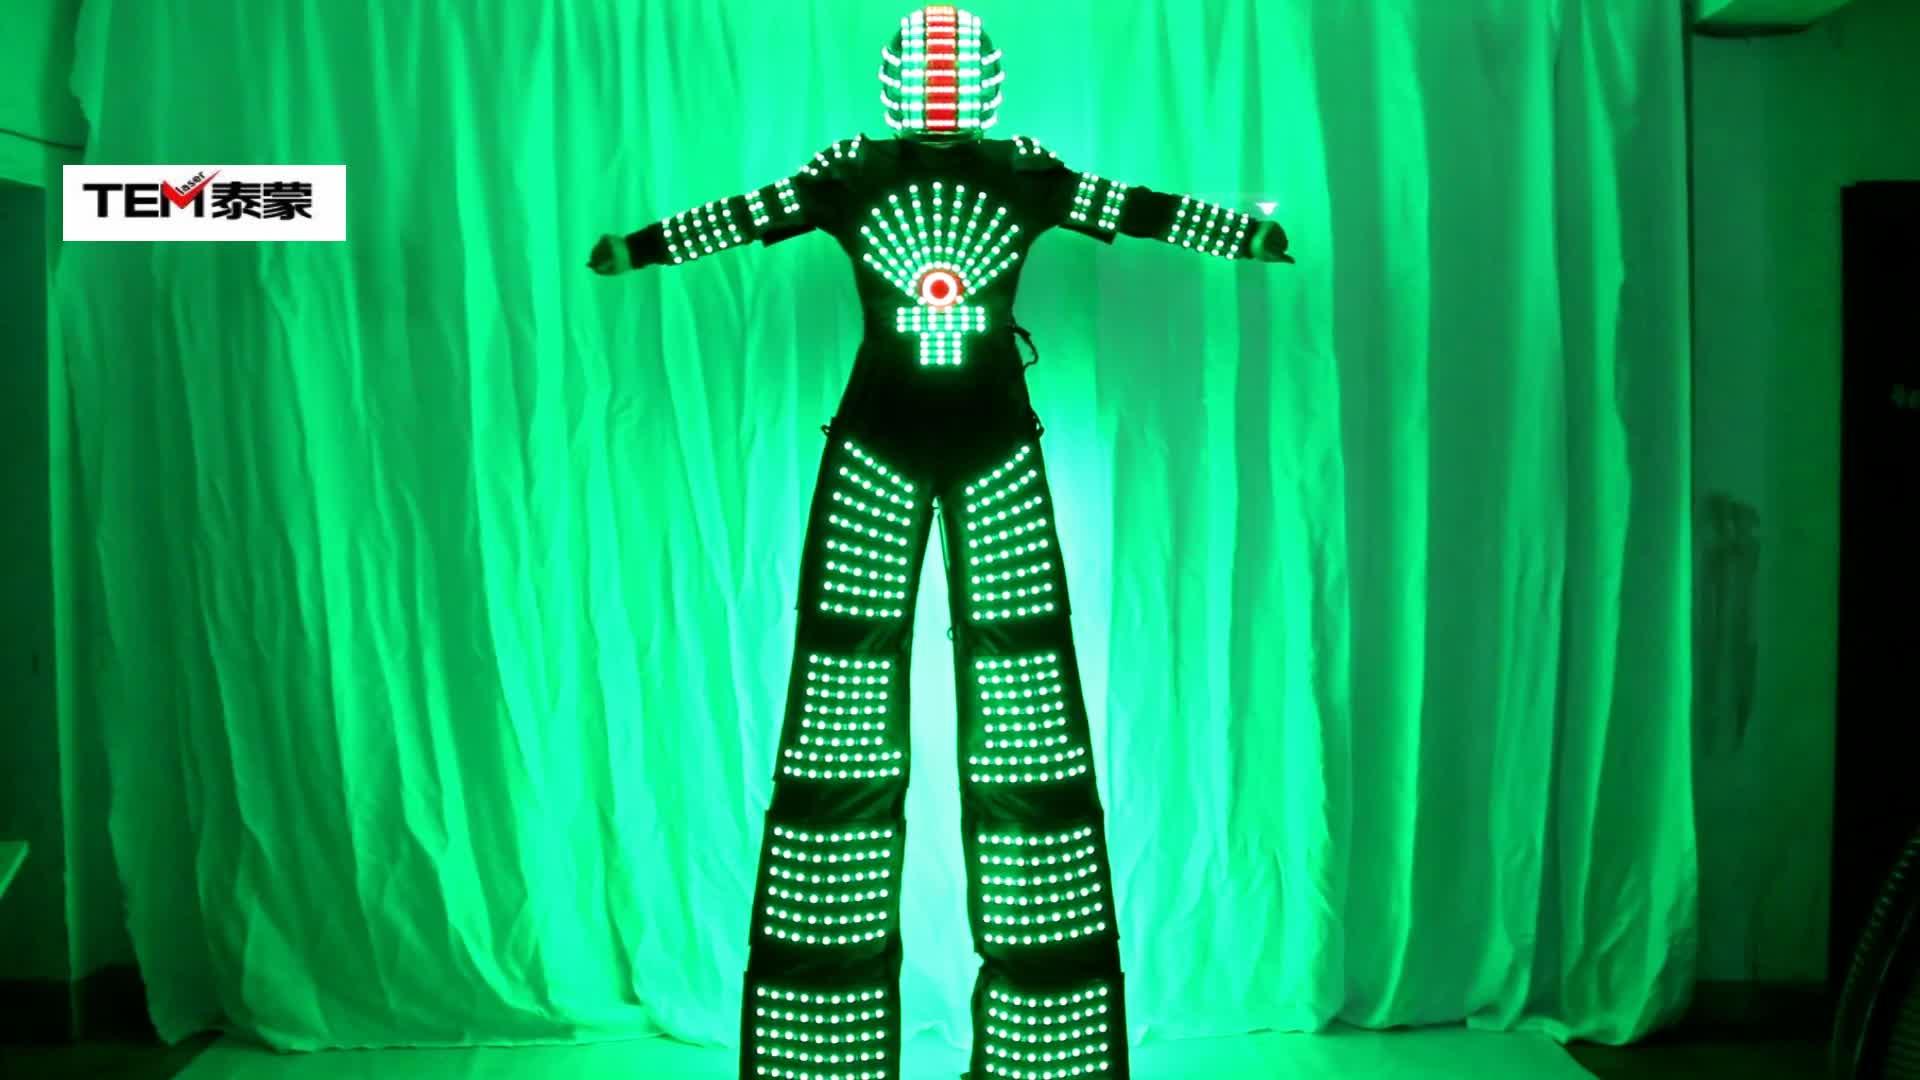 Rgb点滅led衣装ライトスーツledロボットスーツkryomanロボット·ゲッタロボットでヘルメット